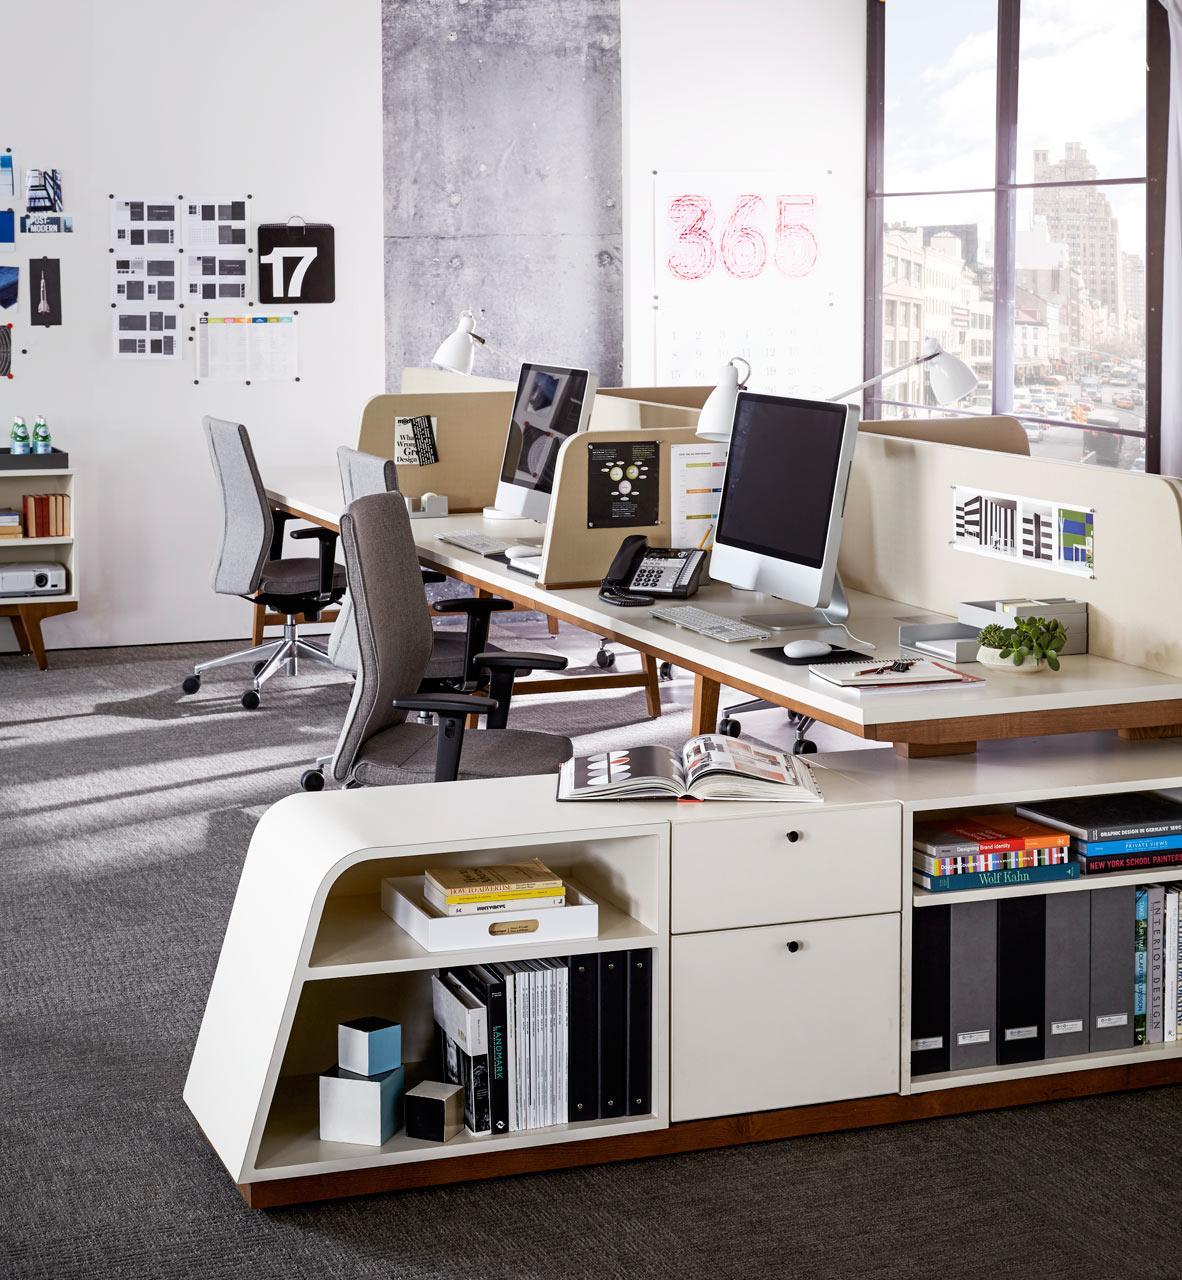 west elm workspace office furniture design milk. Black Bedroom Furniture Sets. Home Design Ideas